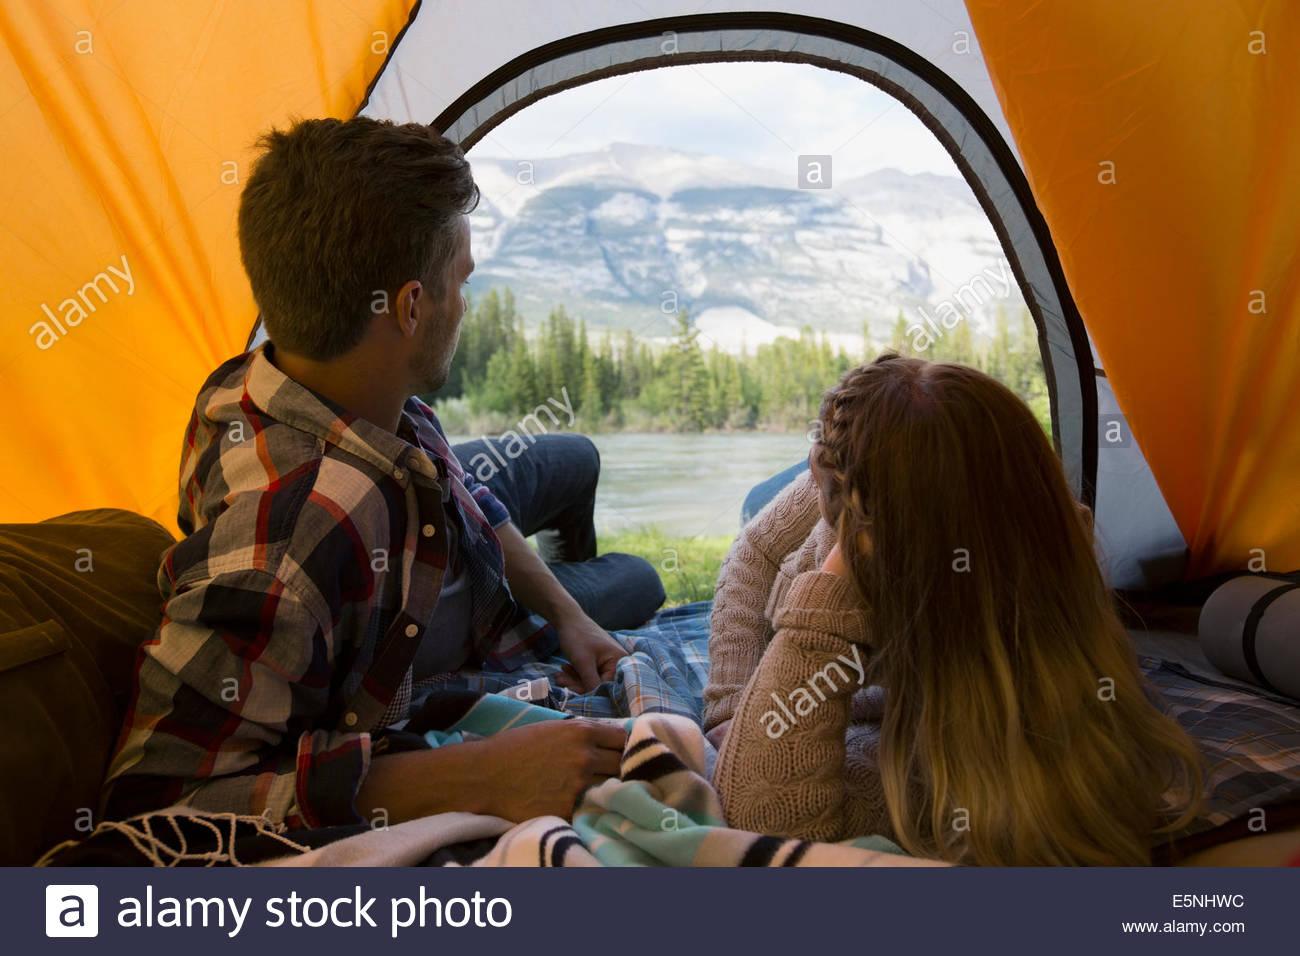 Paar im Zelt und Blick auf Berge Stockbild